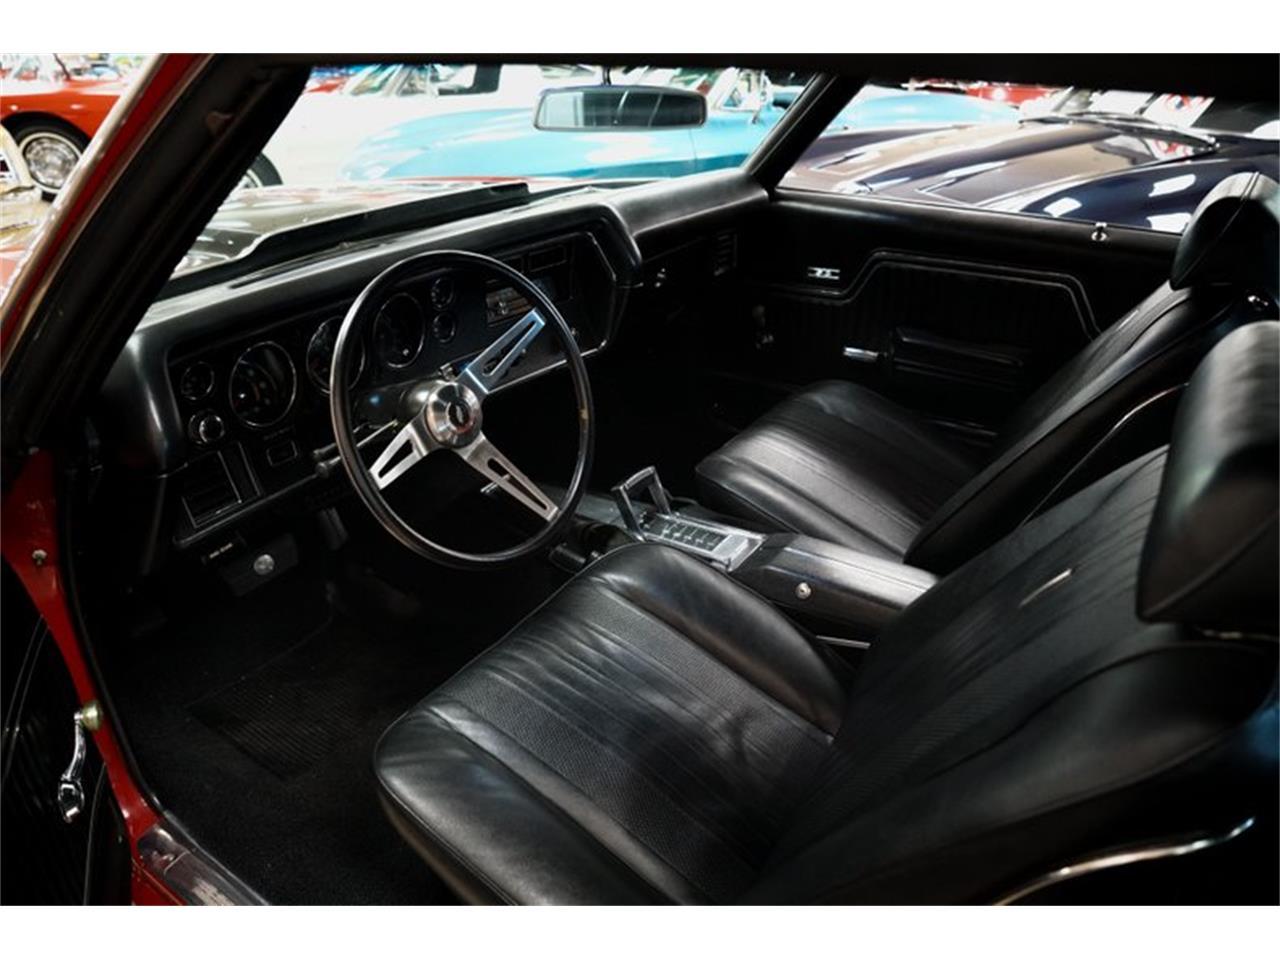 1970 Chevrolet Chevelle (CC-1354752) for sale in Venice, Florida